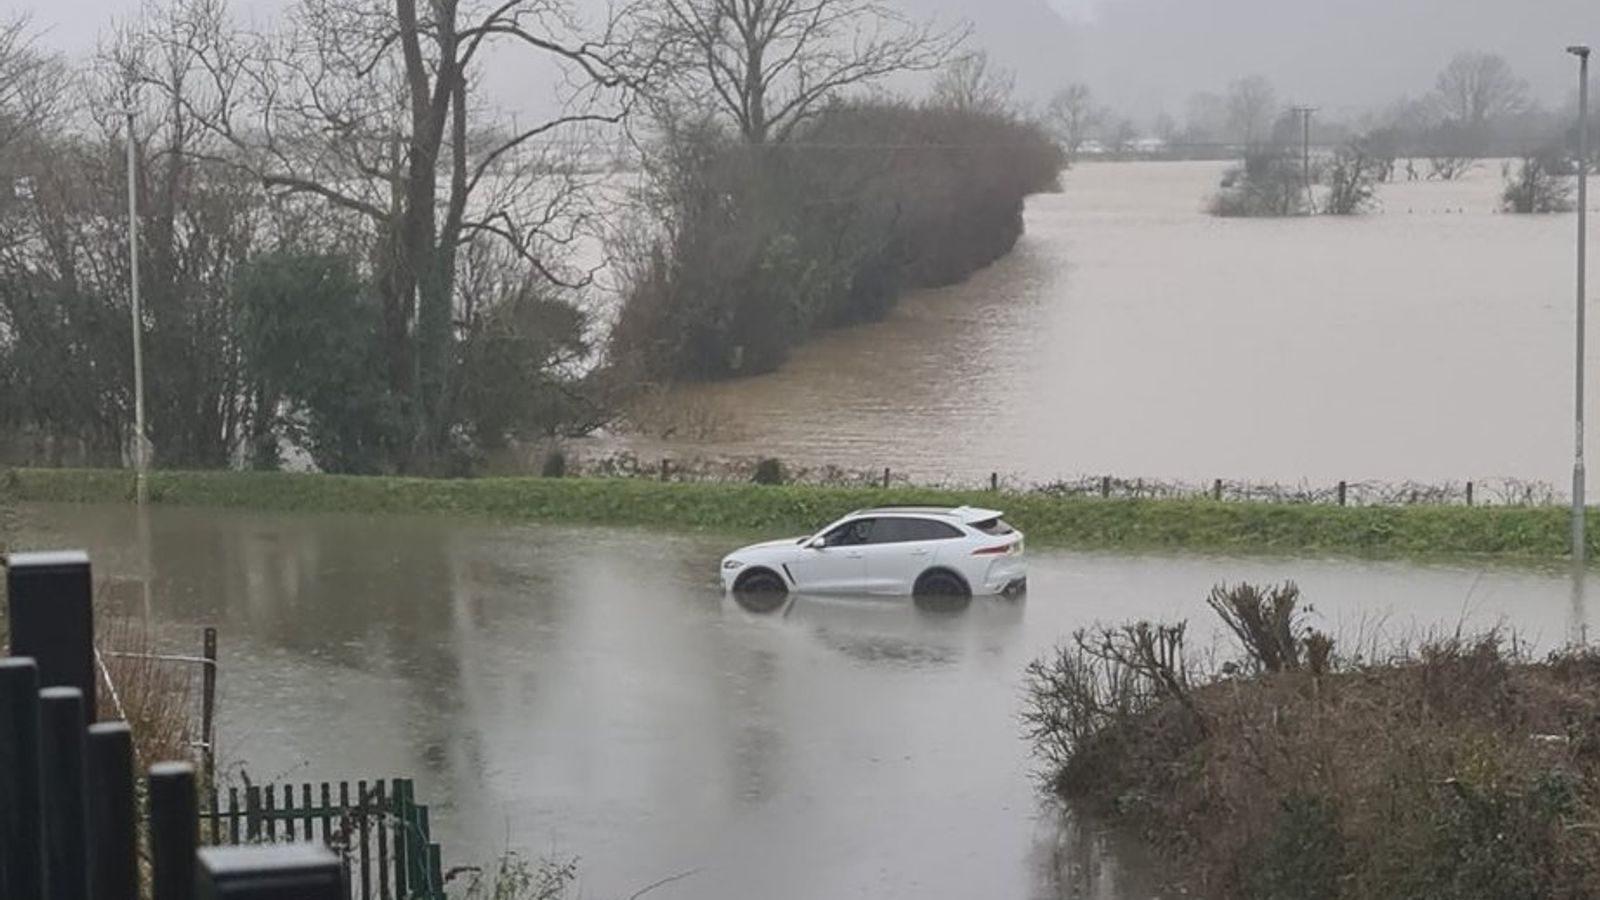 Clima no Reino Unido – Tempestade Christoph: Sete avisos meteorológicos de 'perigo à vida' em vigor no Noroeste e país de Gales